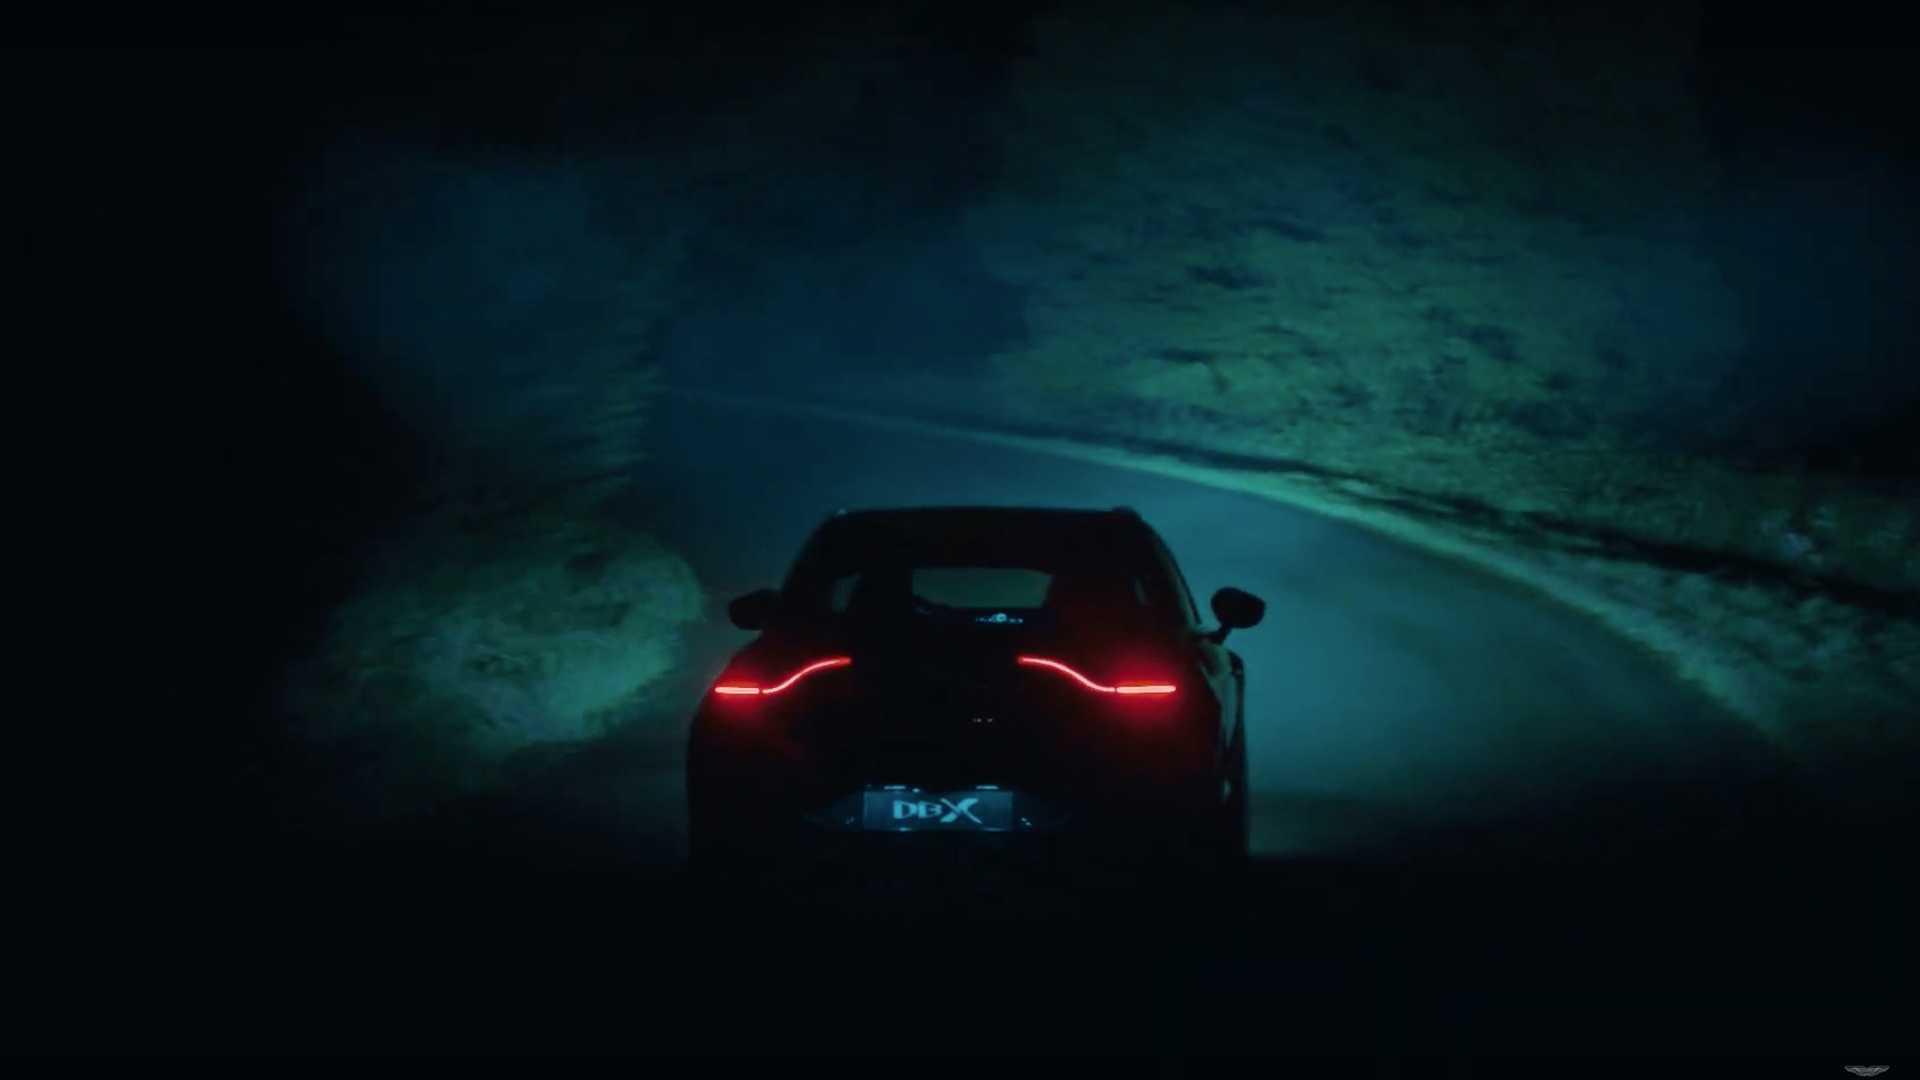 Ночной заезд Aston Martin DBX — новое видео перед дебютом 20 ноября